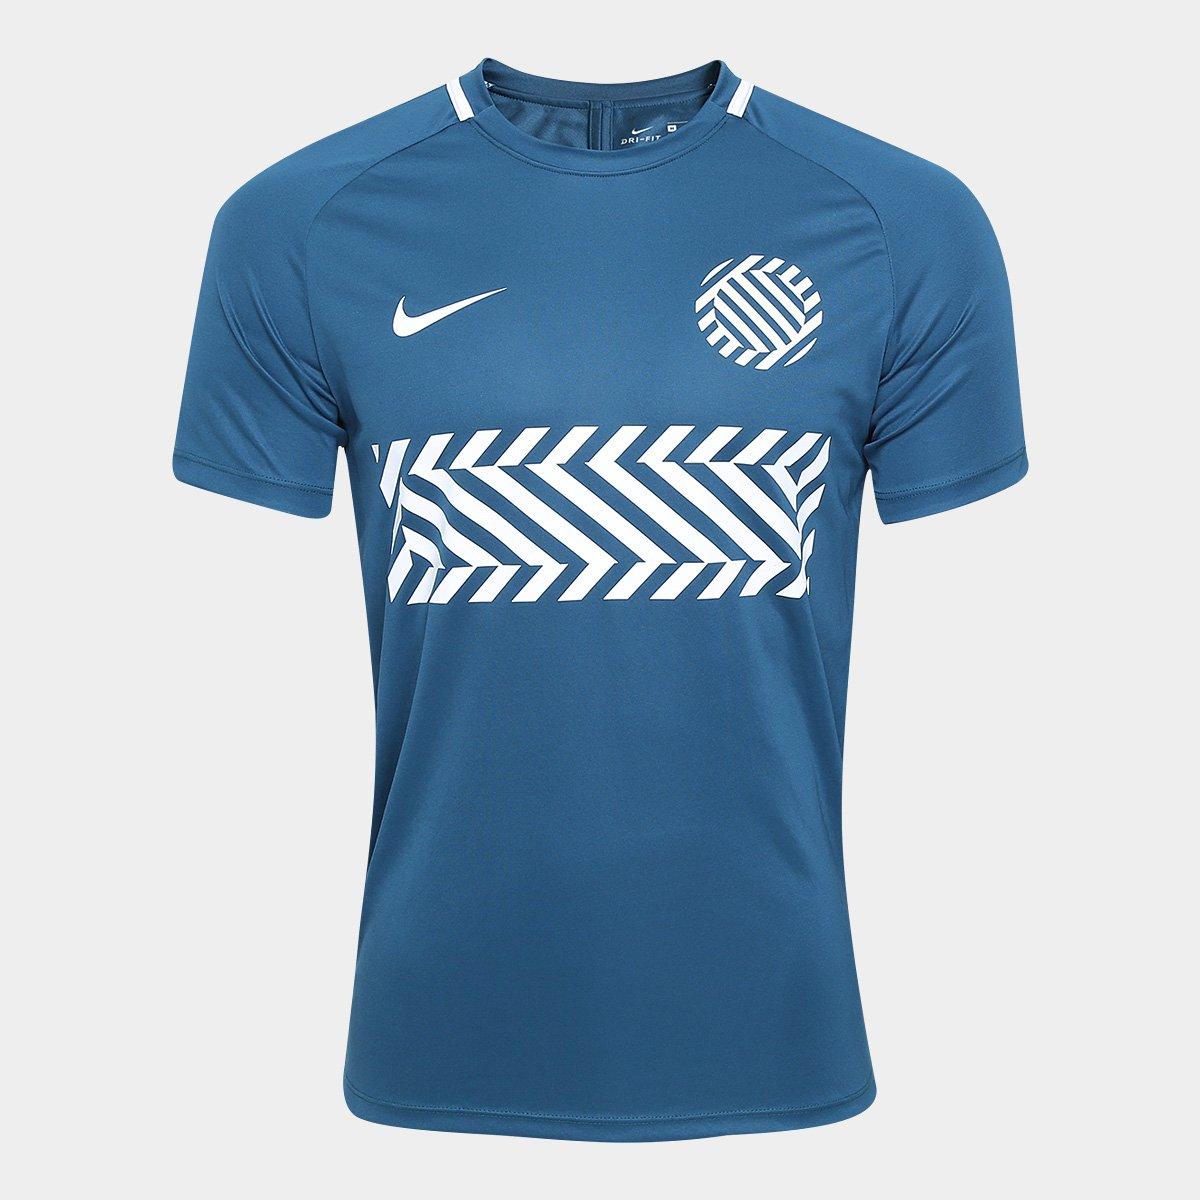 44d8642fdf Camisa Nike Dry Academy GX2 Masculina - Compre Agora